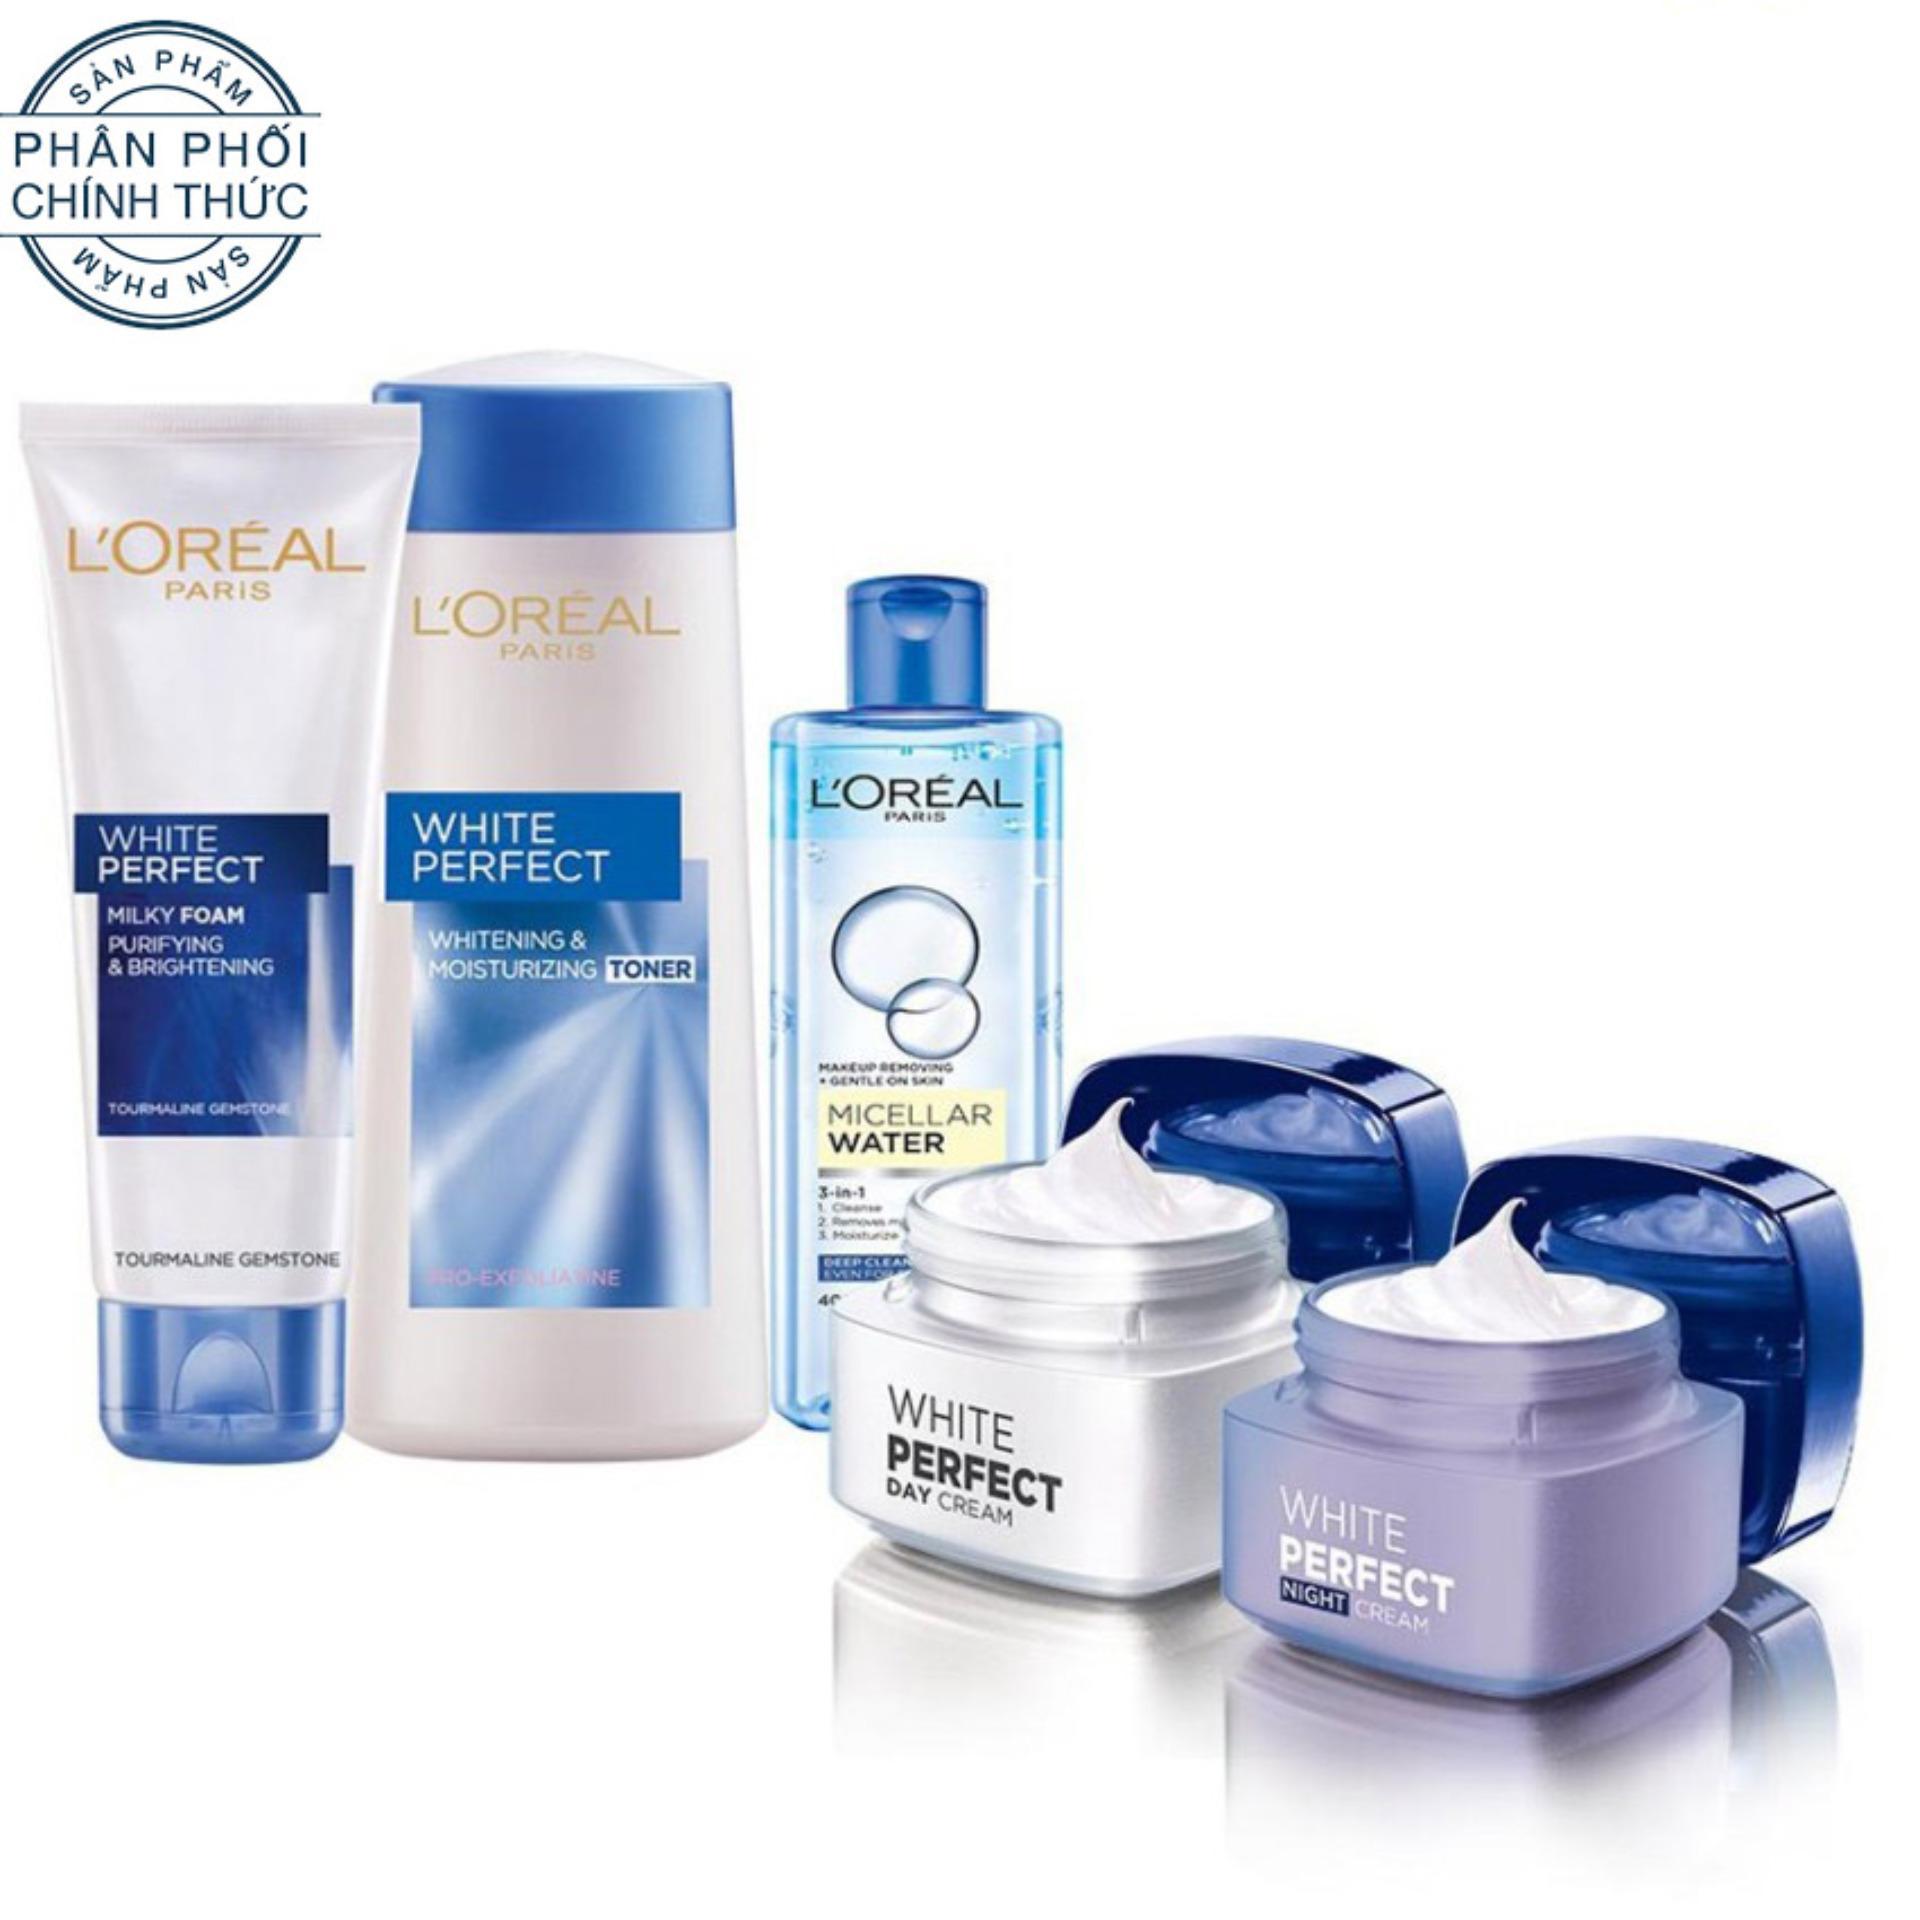 Hình ảnh Set quà tặng đặc biệt: Bộ sản phẩm làm trắng thanh khiết và dưỡng ẩm da L'Oreal Paris White Perfect